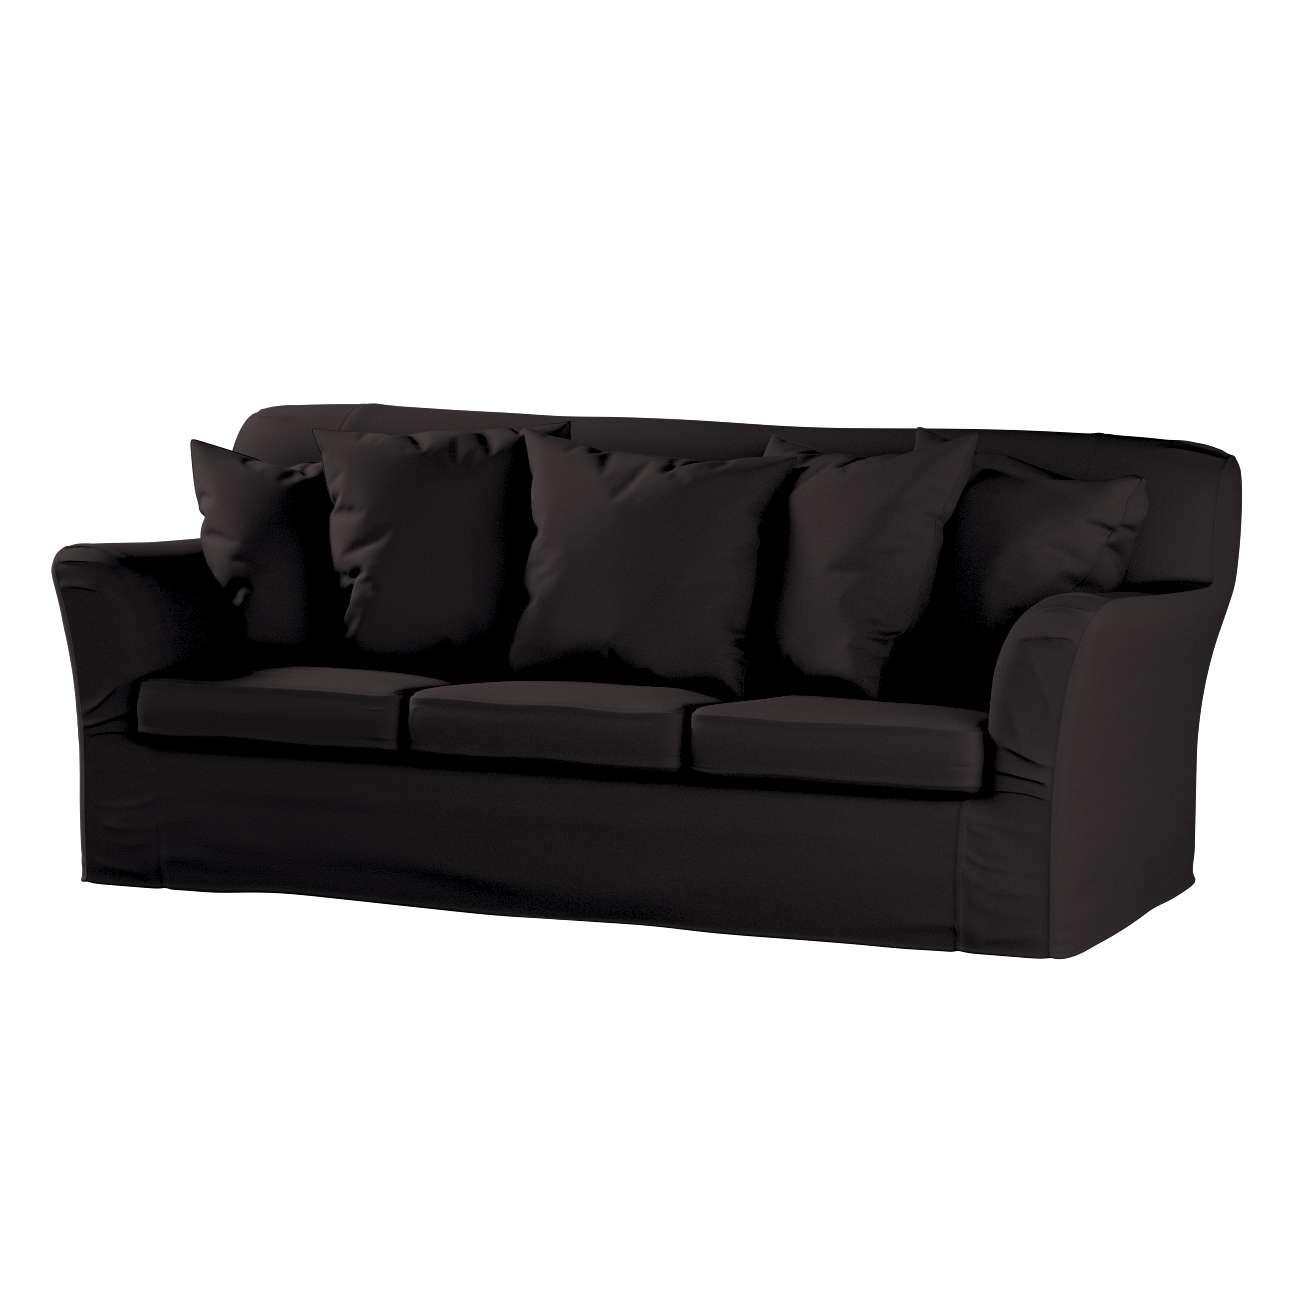 Tomelilla 3-Sitzer Sofabezug nicht ausklappbar Sofahusse, Tomelilla 3-Sitzer von der Kollektion Cotton Panama, Stoff: 702-09